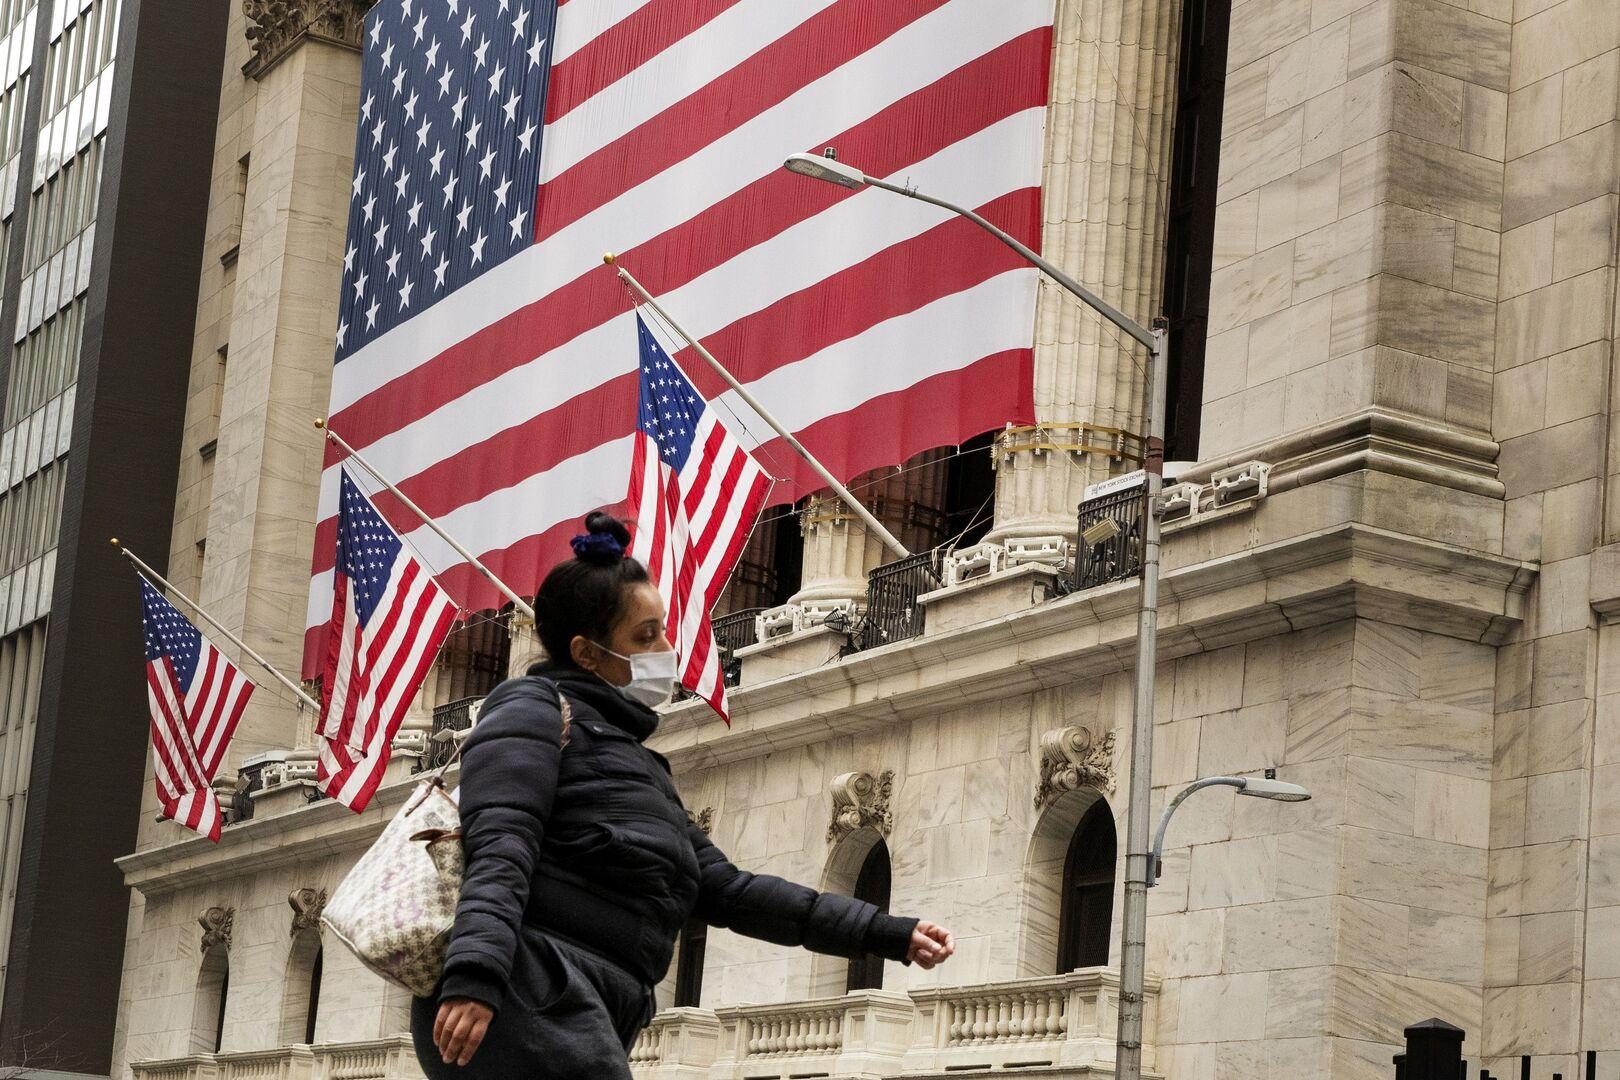 المستثمرون يسحبون نحو 26 مليار دولار من صناديق الأسهم الأمريكية